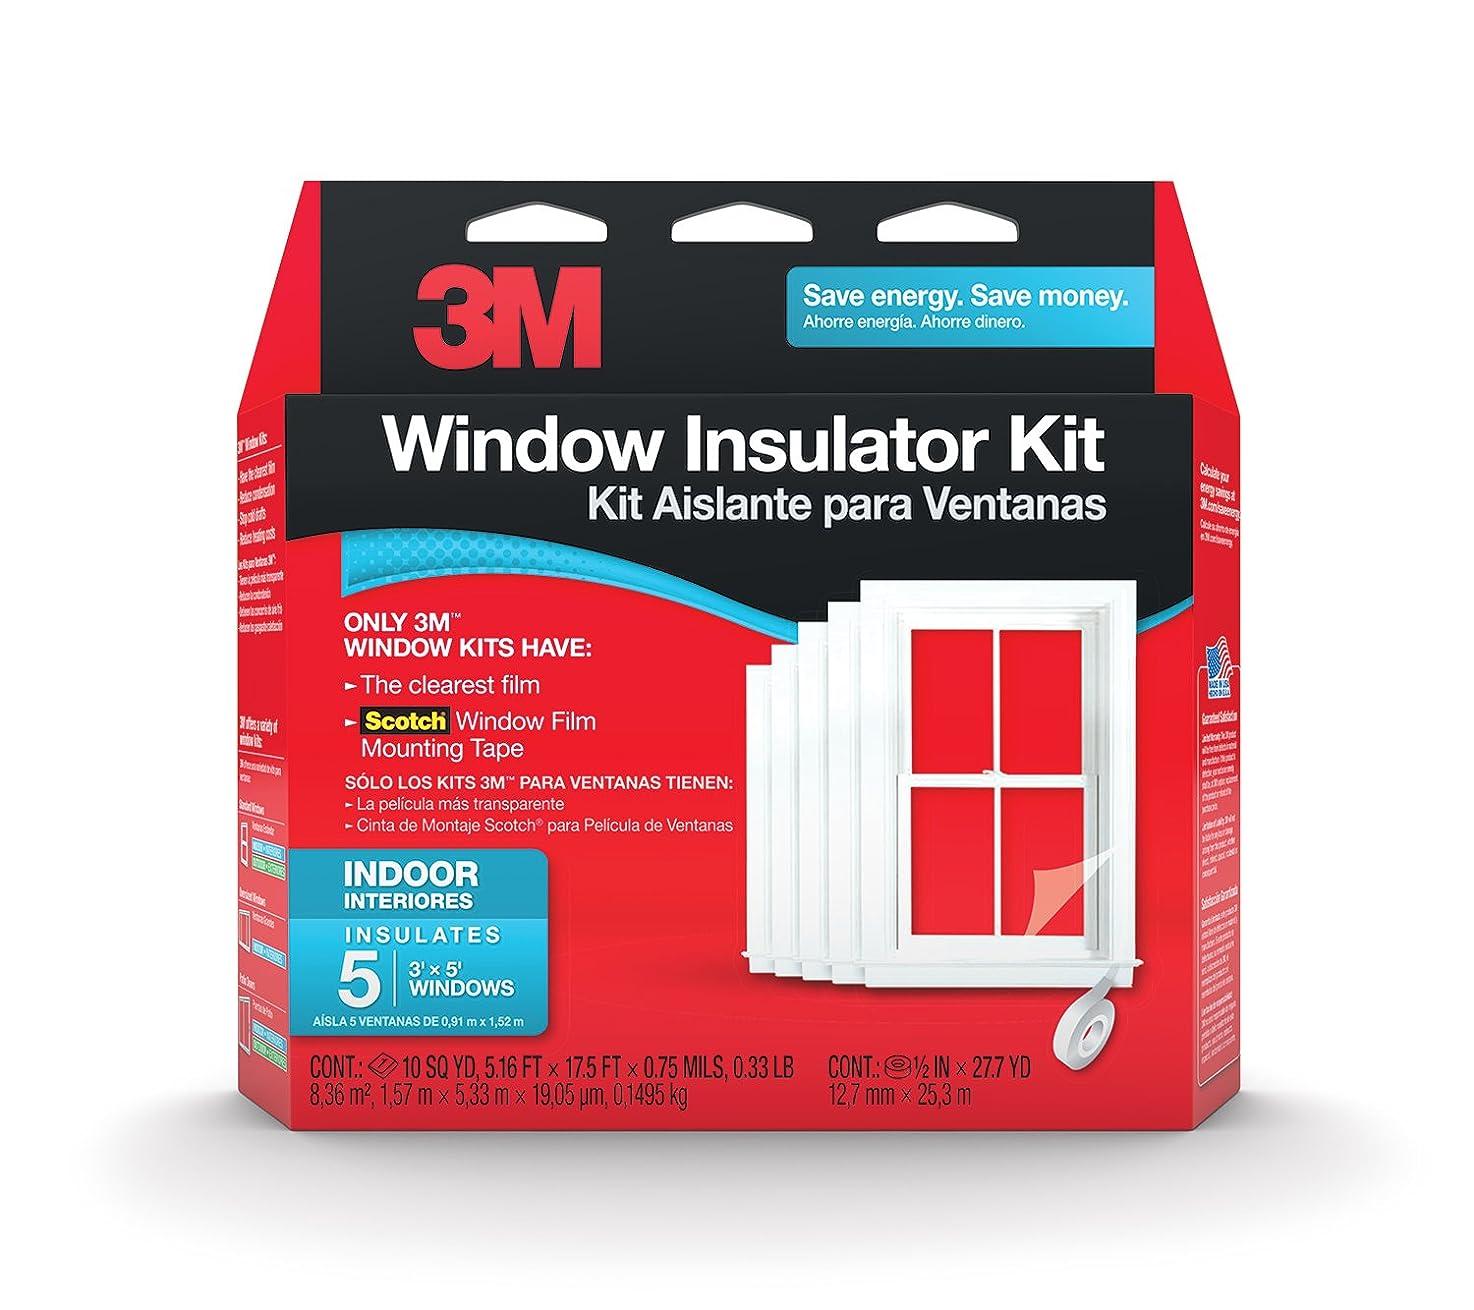 3M Indoor Window Insulator Kit vrjtimmwmnaef6